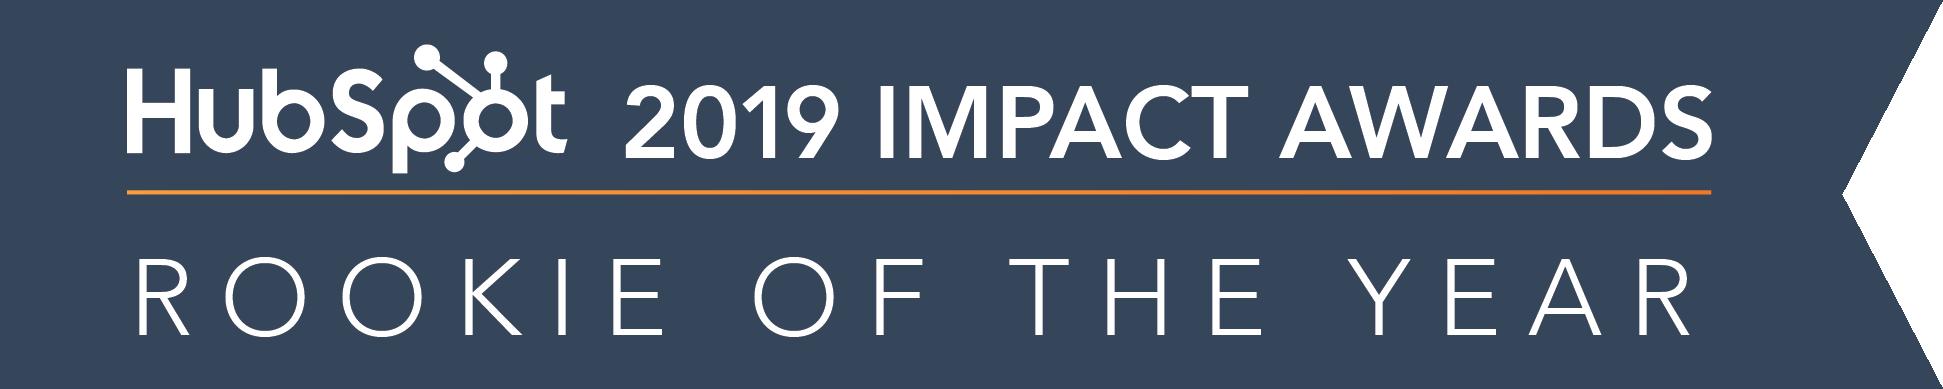 Hubspot_ImpactAwards_2019_RookieOfTheYear-02